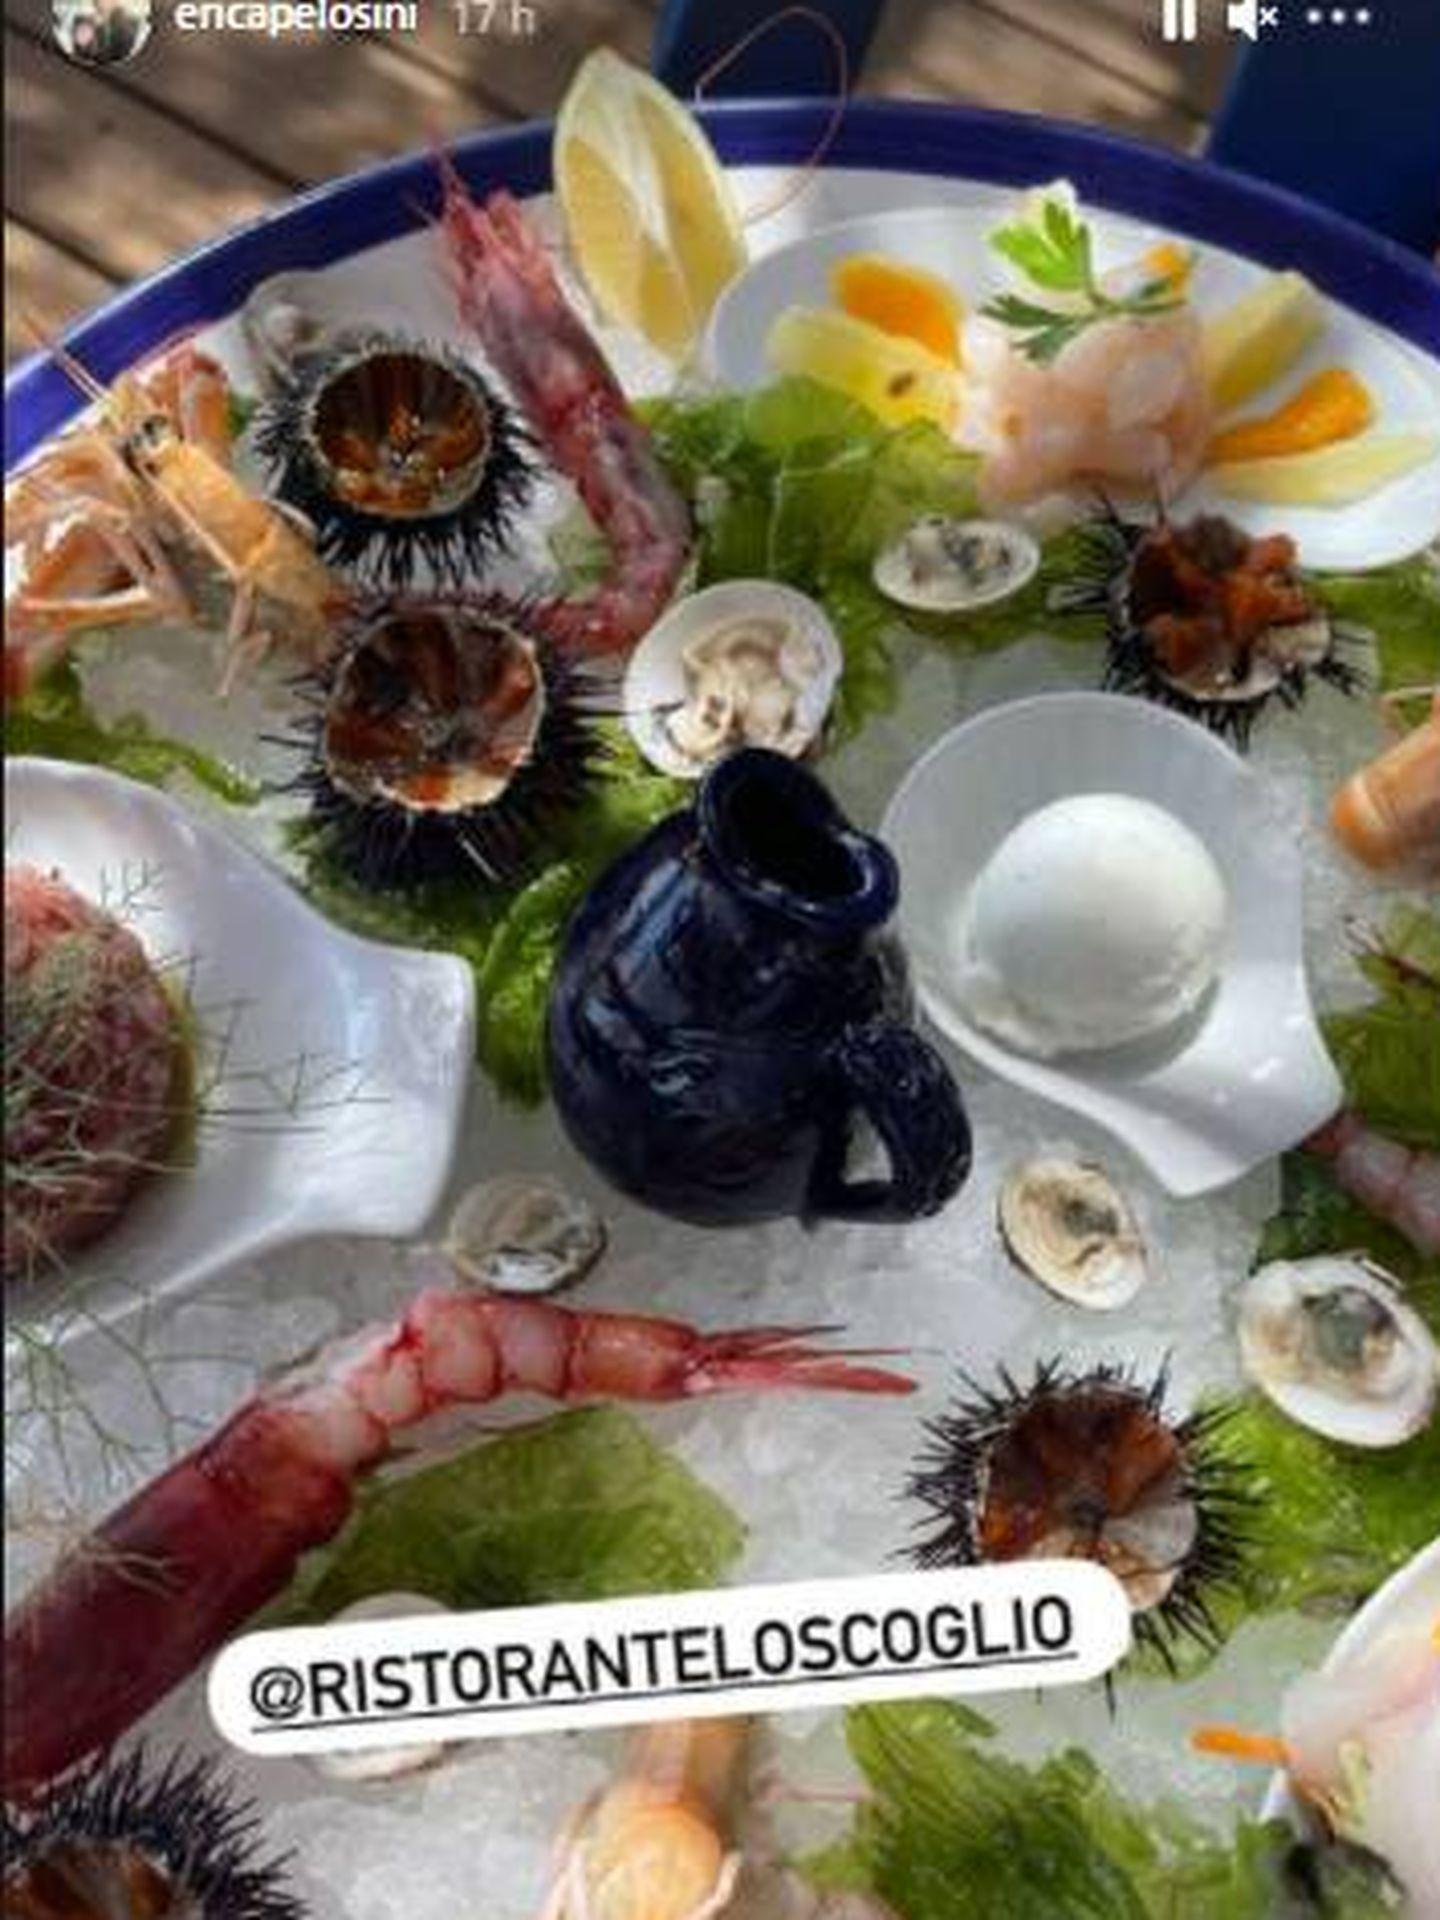 La modelo Erica Pelosini muestra una exquisita degustación de productos del mar en Capri. (IG)